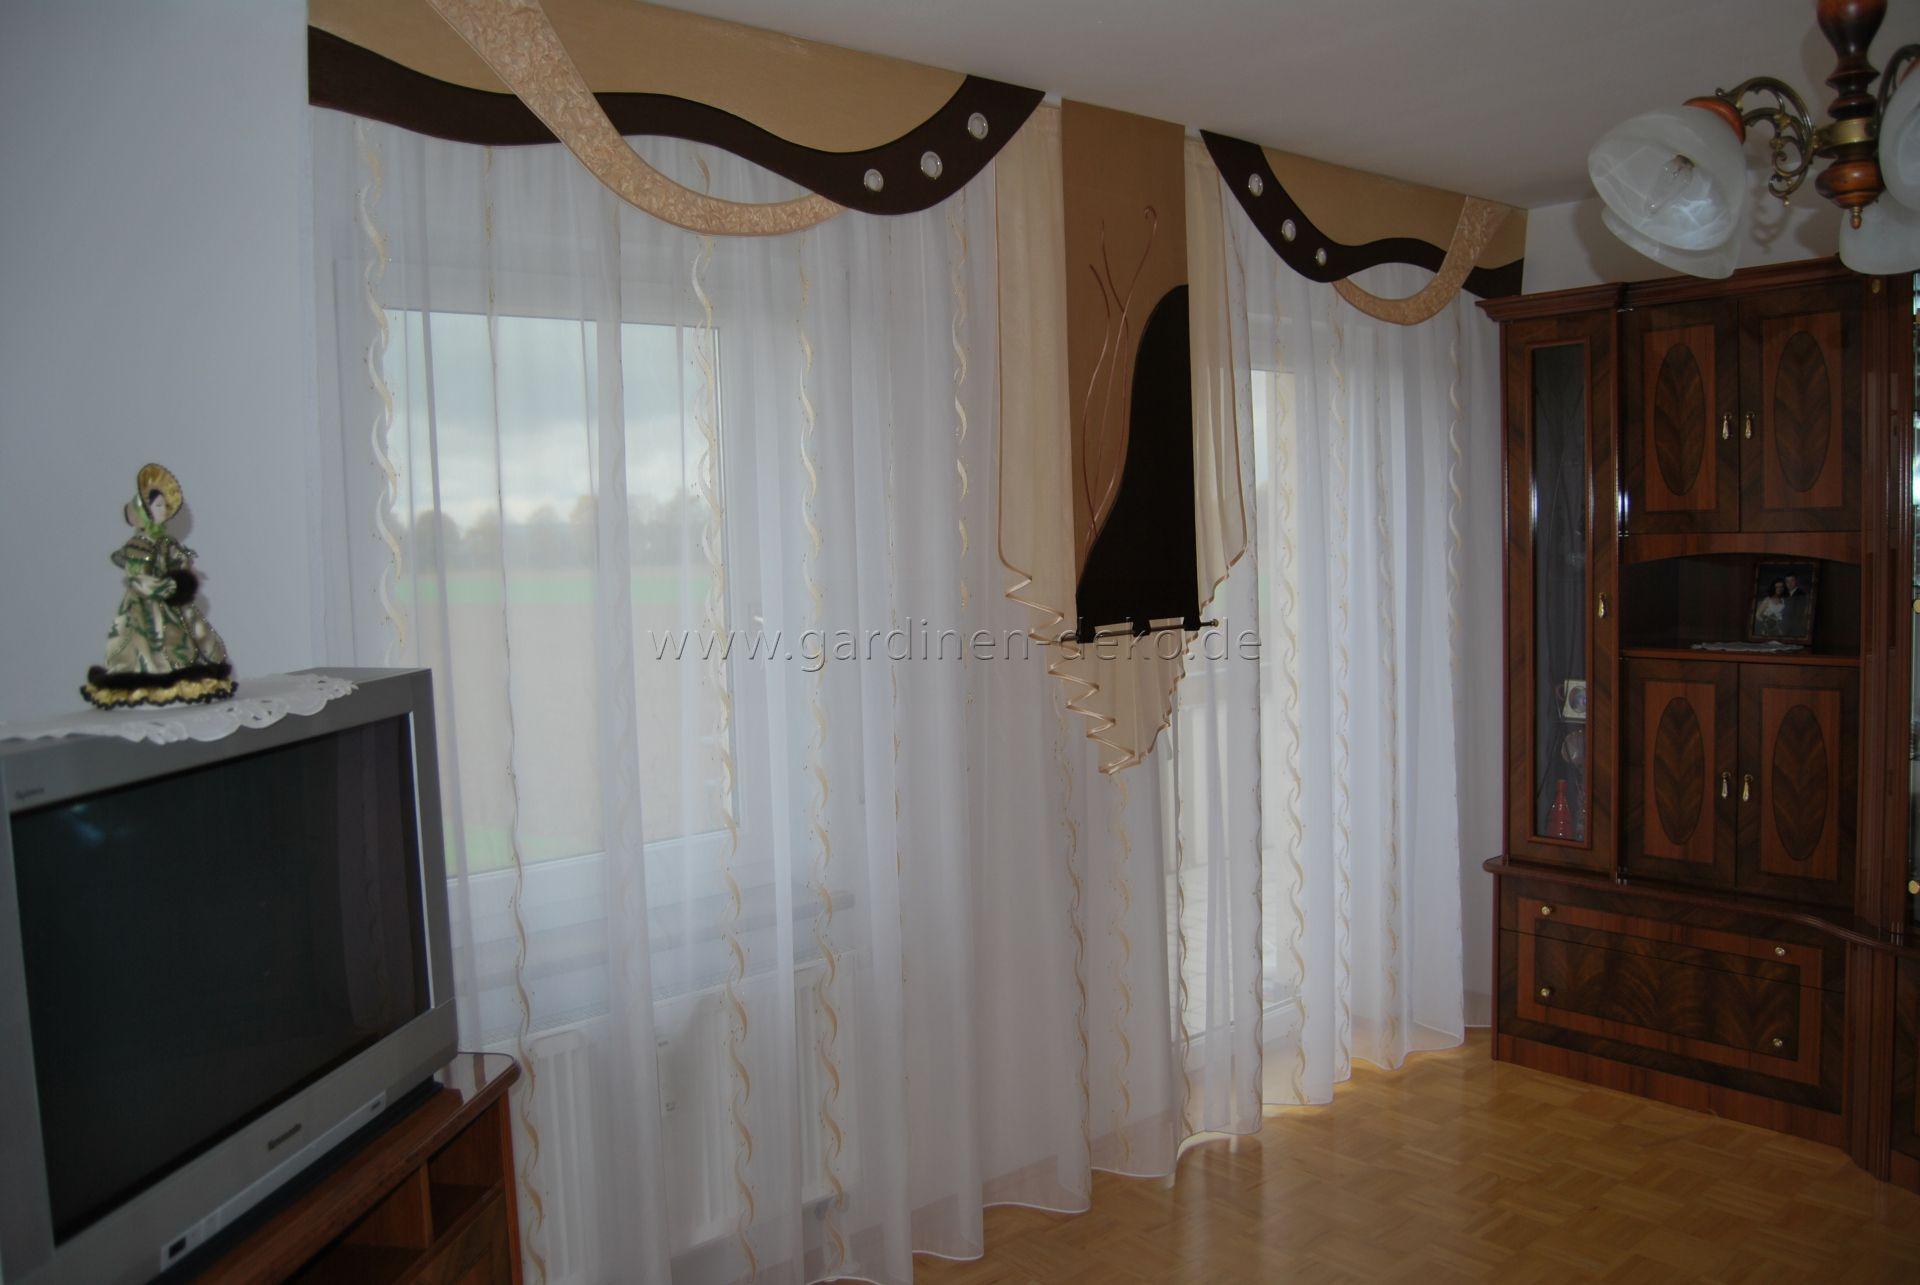 Klassischer Wohnzimmer Vorhang mit braun-beige Tönen und ...